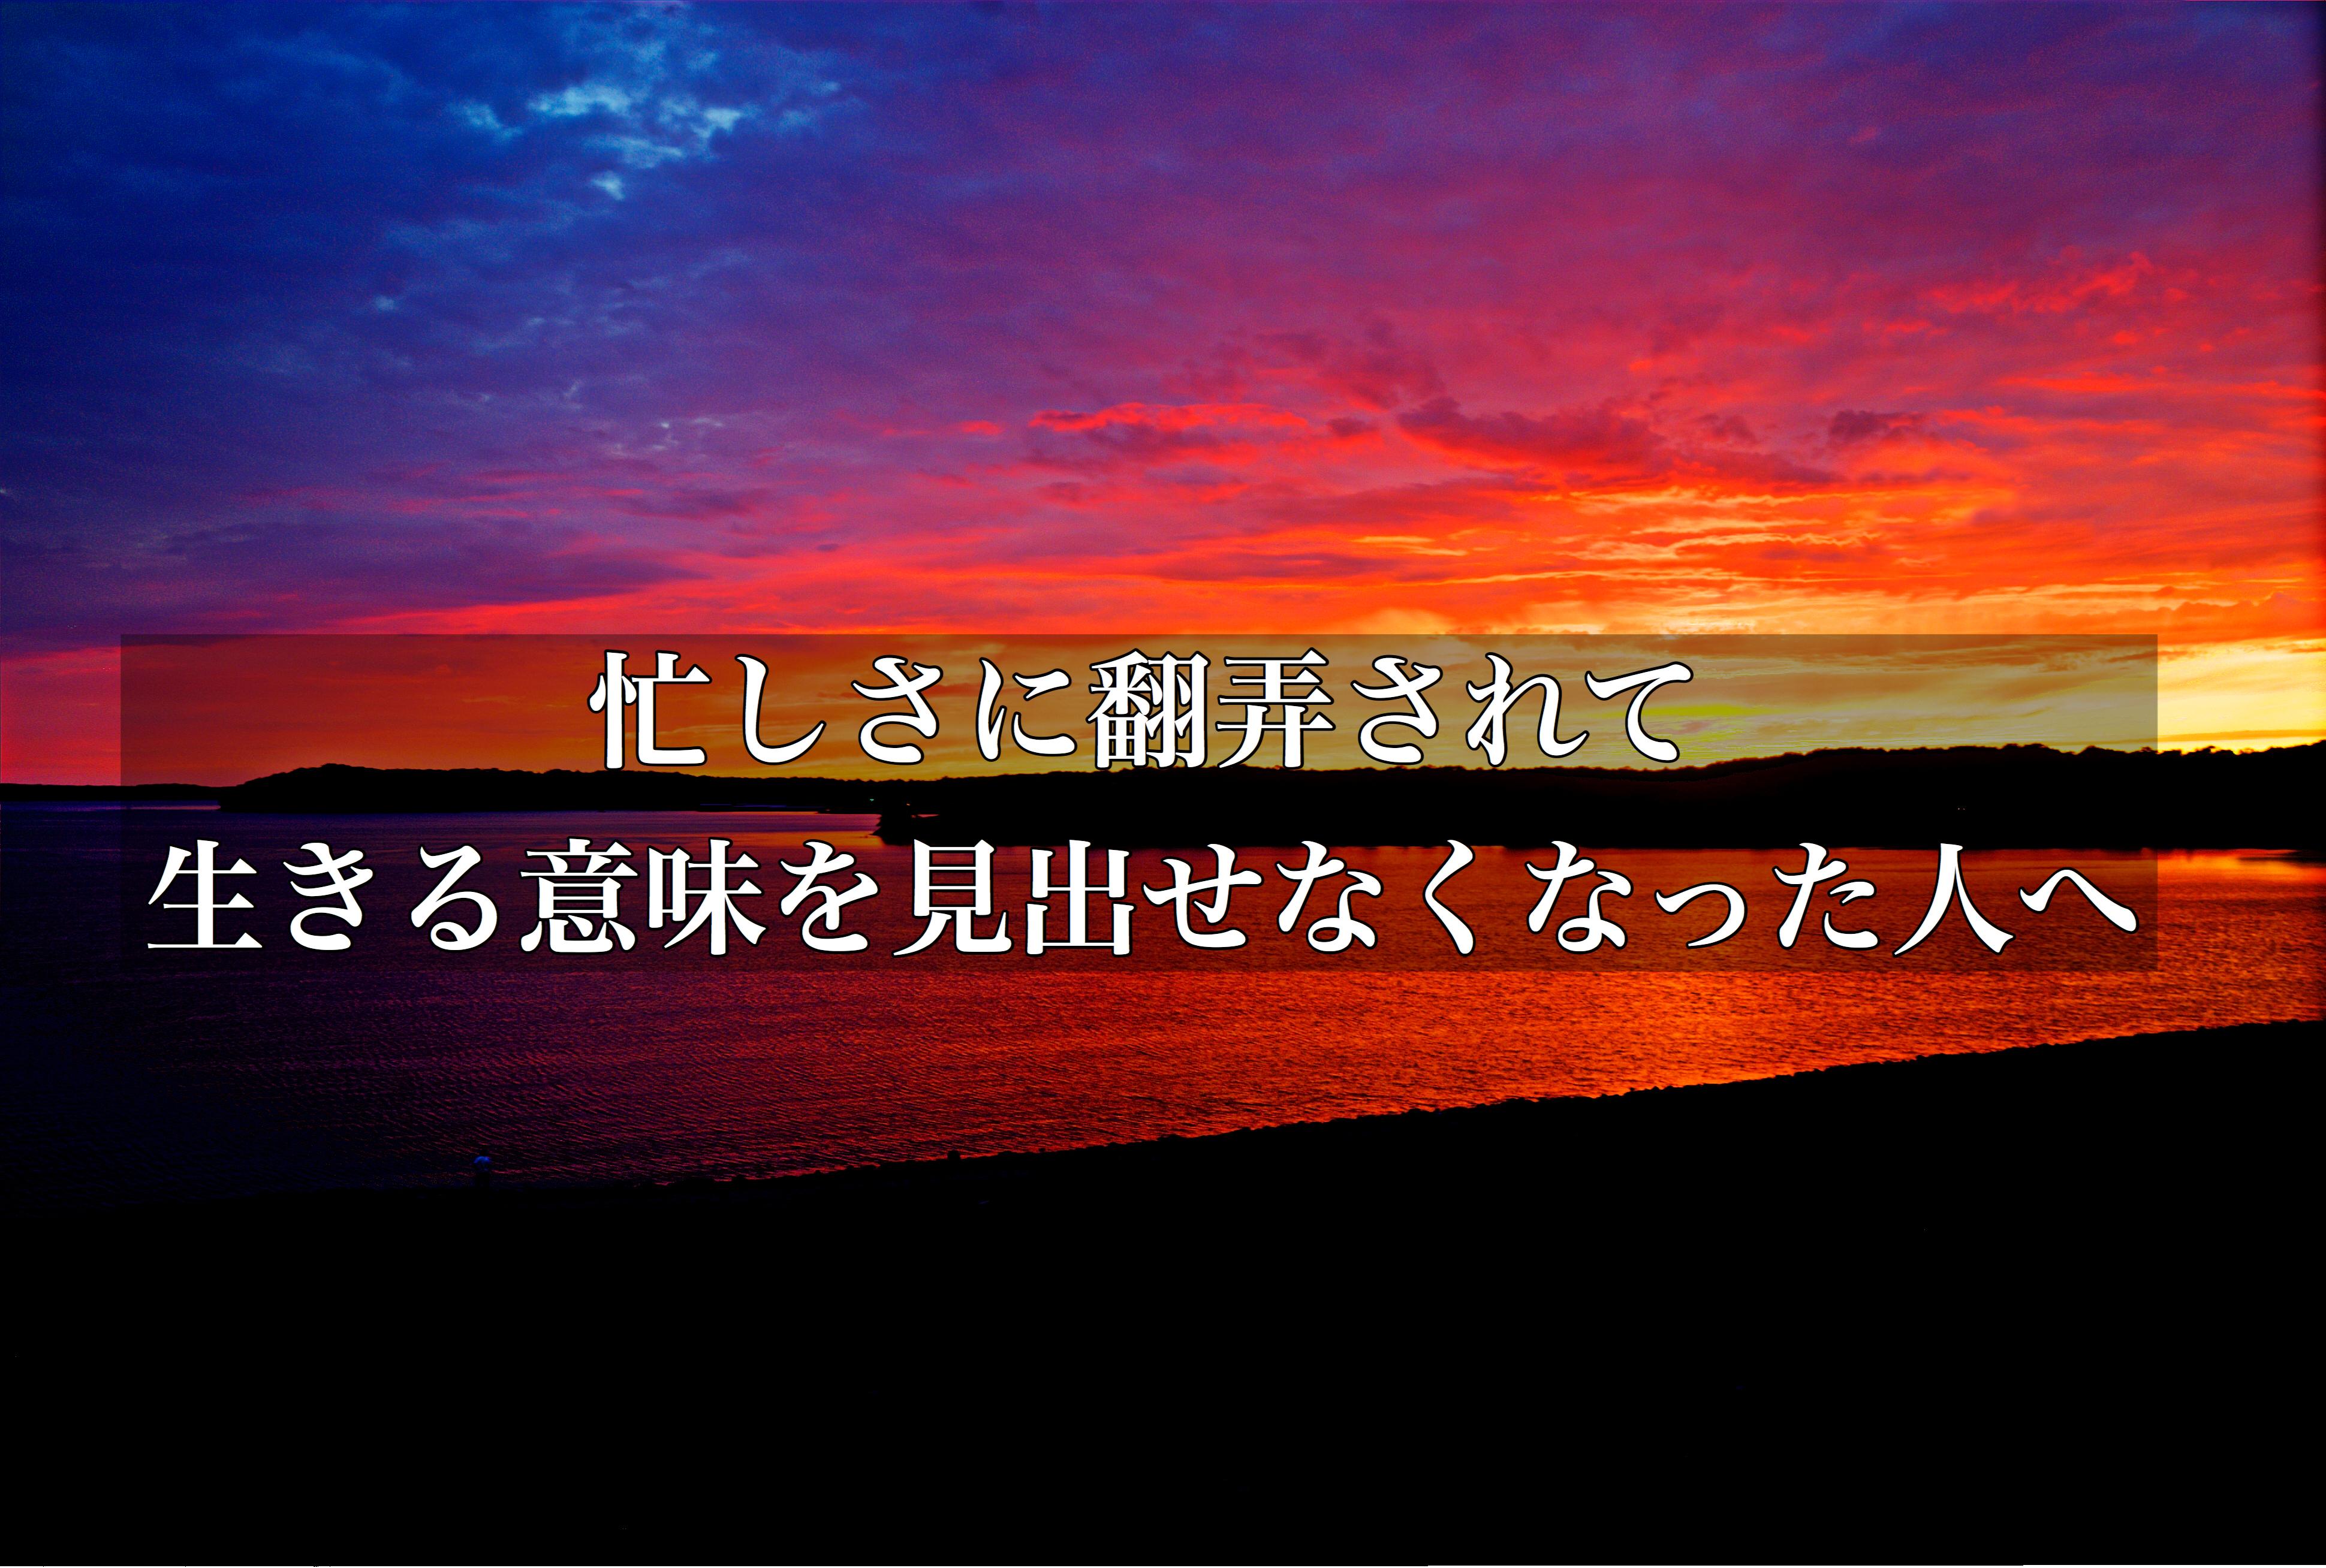 生き甲斐がない人が始める、最初の一歩。生きる意味の見つけ方。